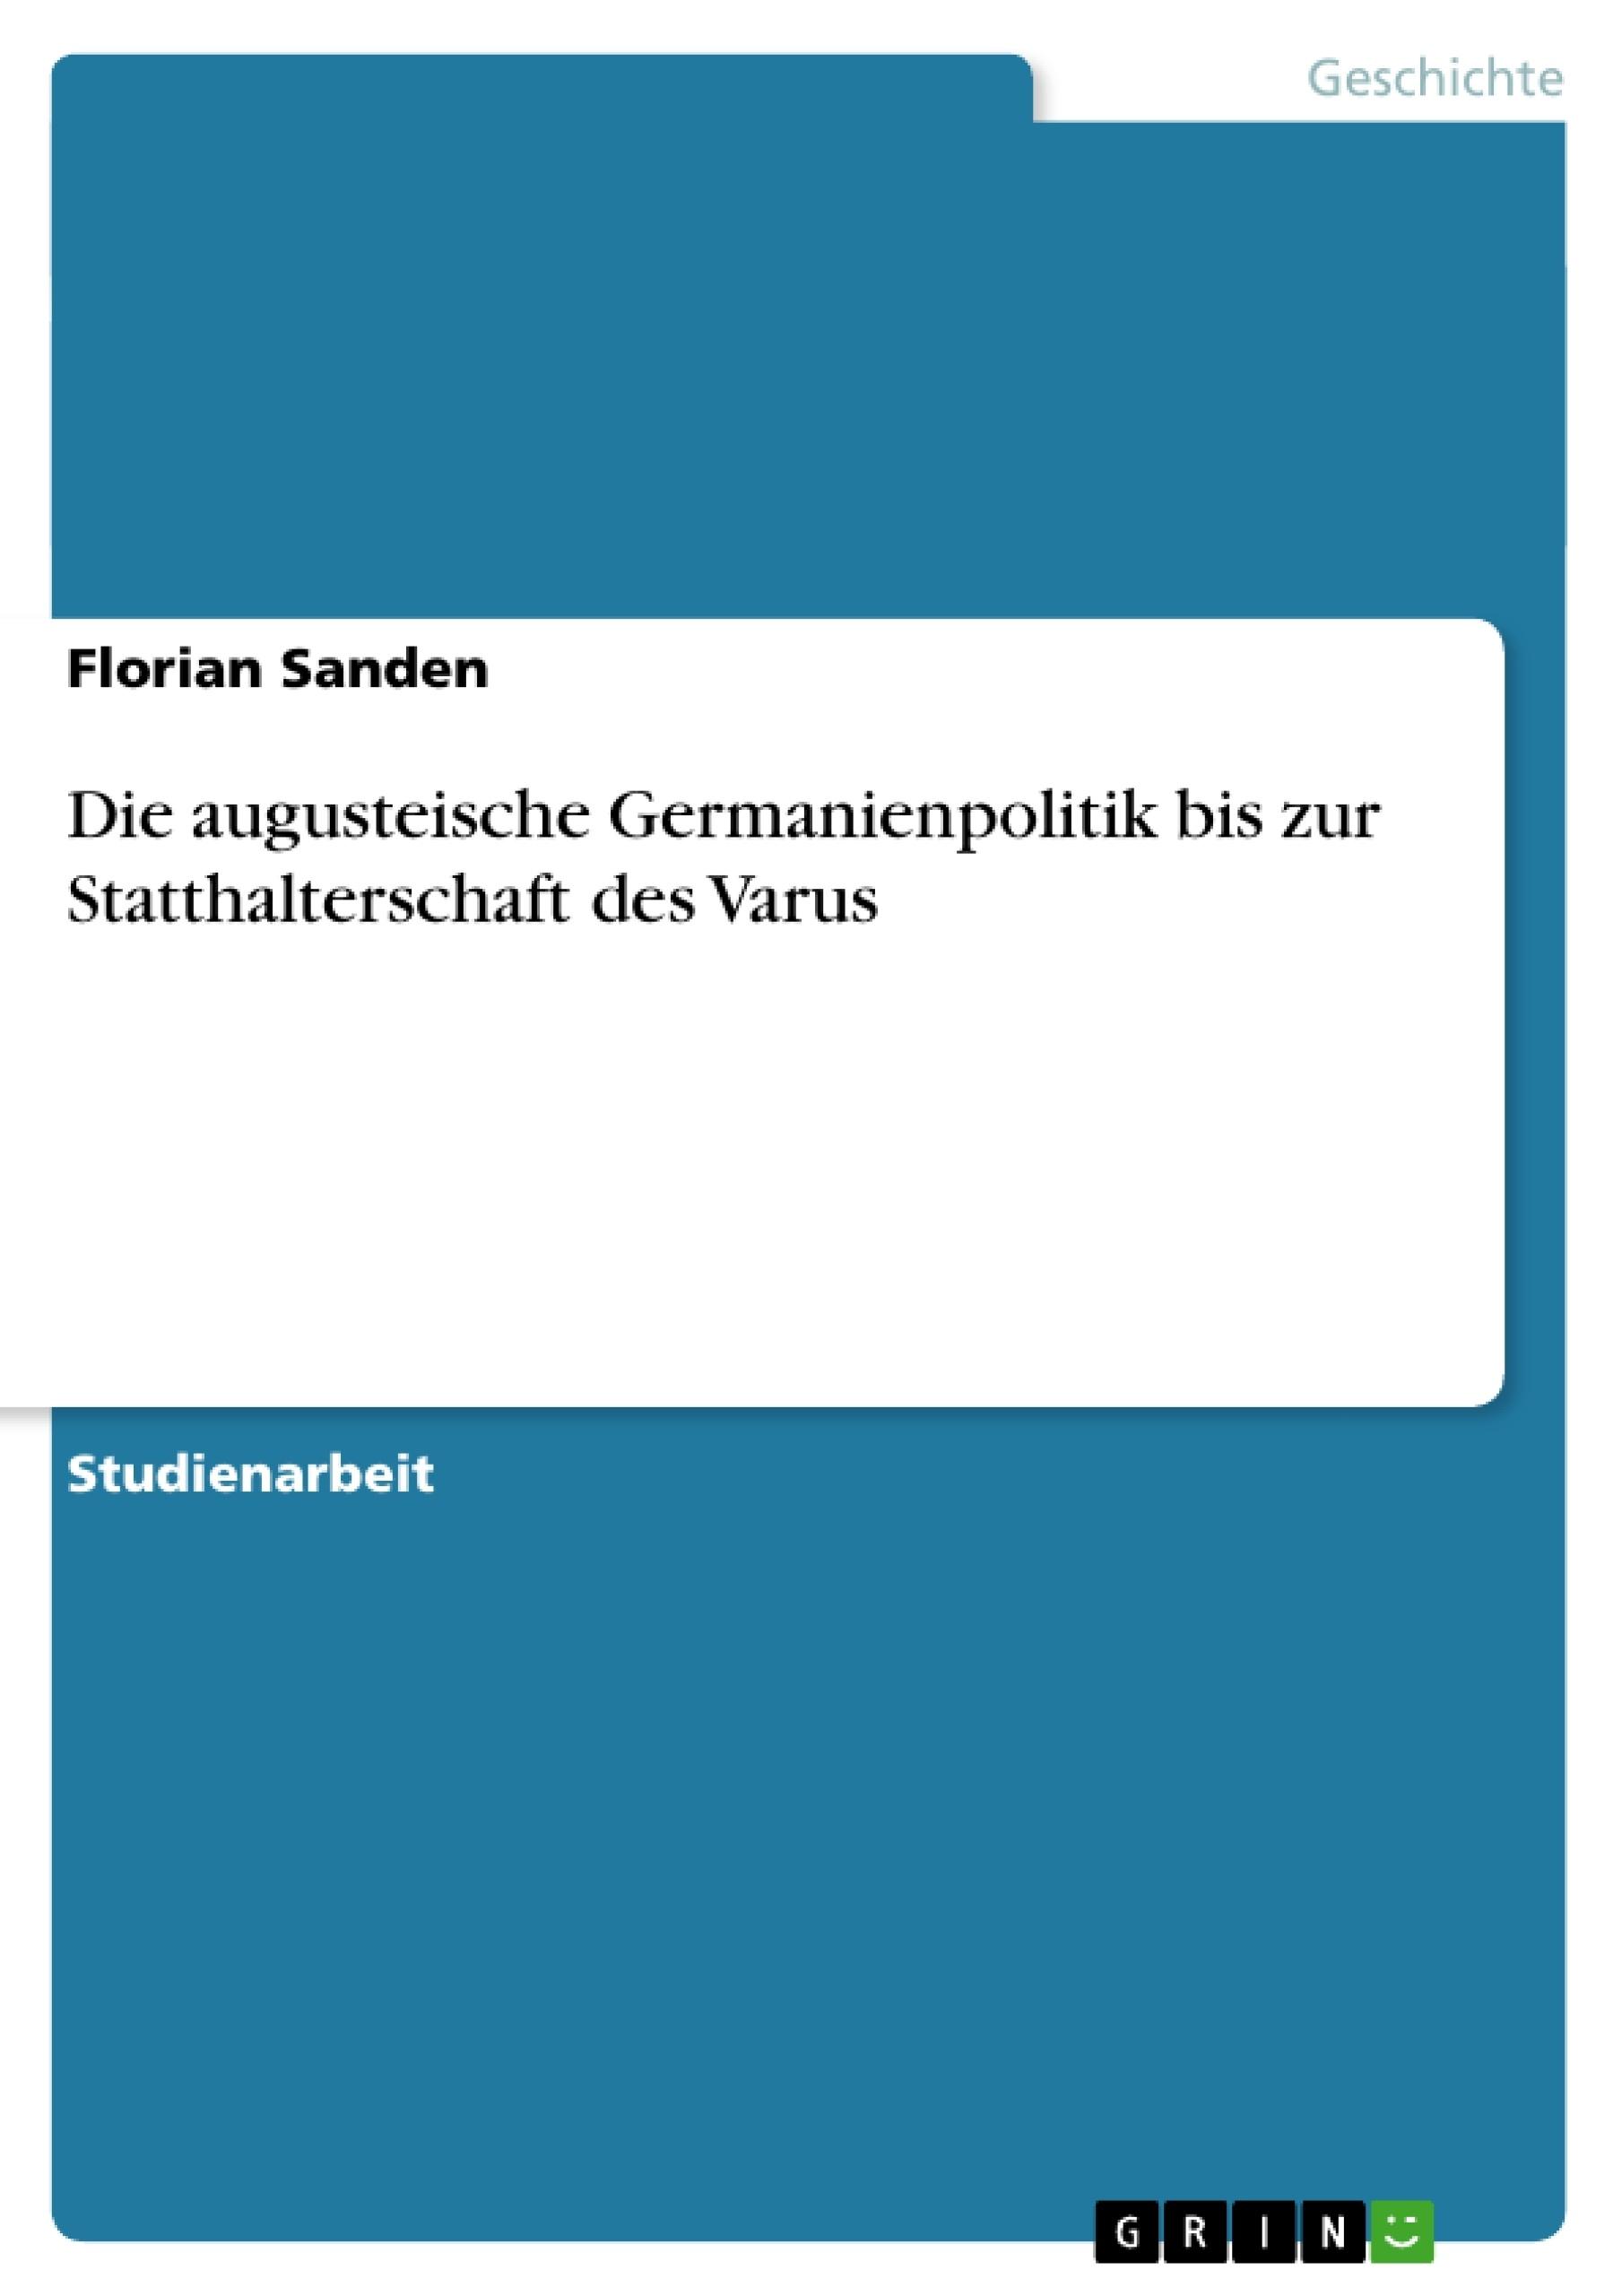 Titel: Die augusteische Germanienpolitik bis zur Statthalterschaft des Varus